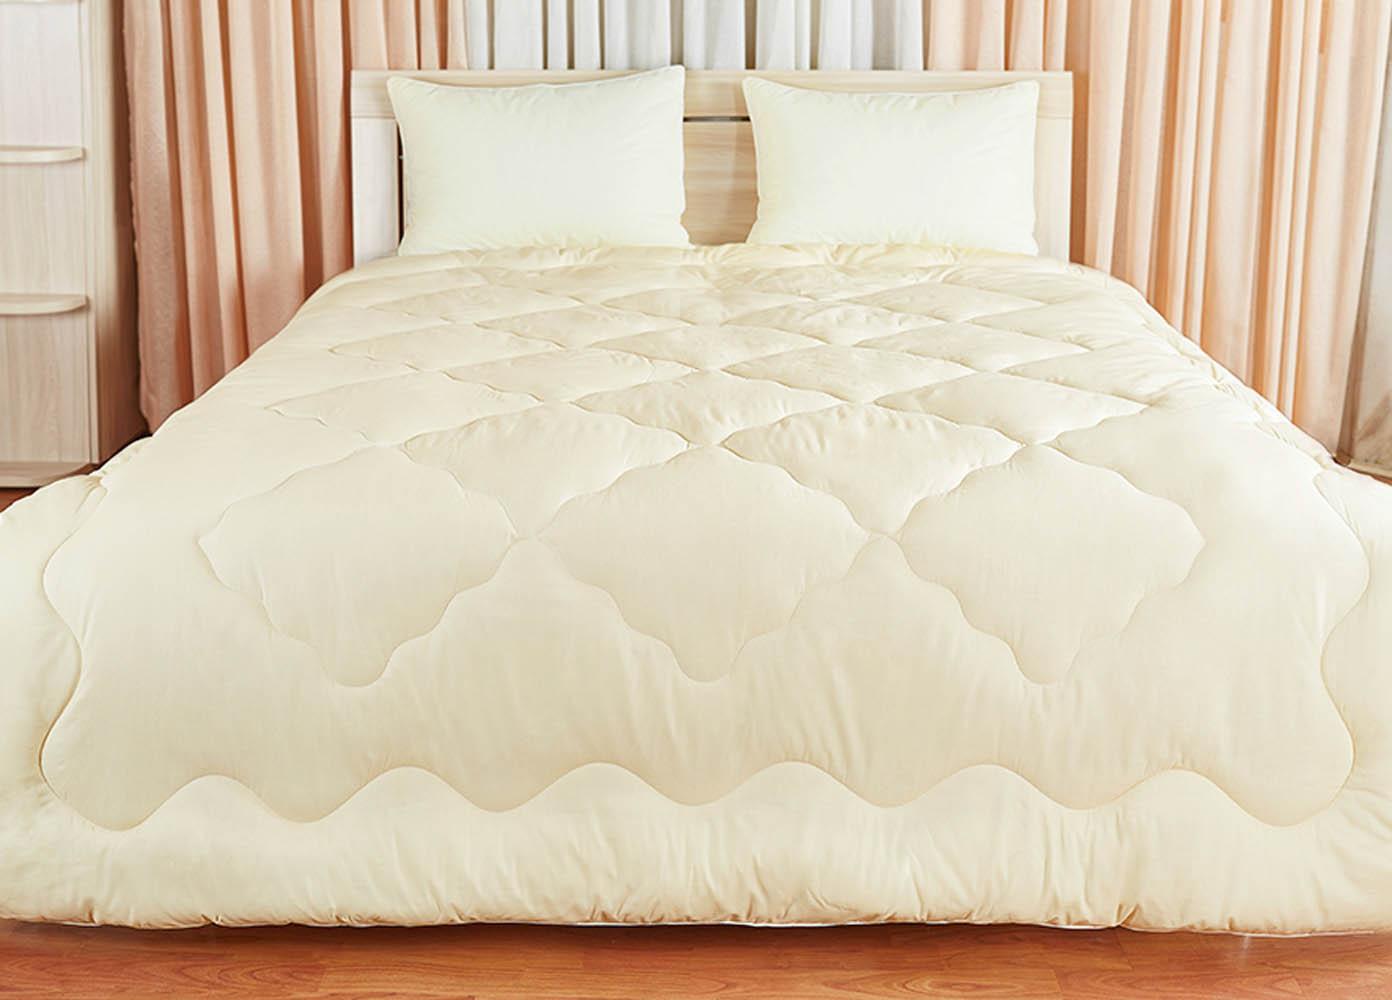 Одеяла Primavelle Одеяло Лежебока Цвет: Кремовый (140х205 см)